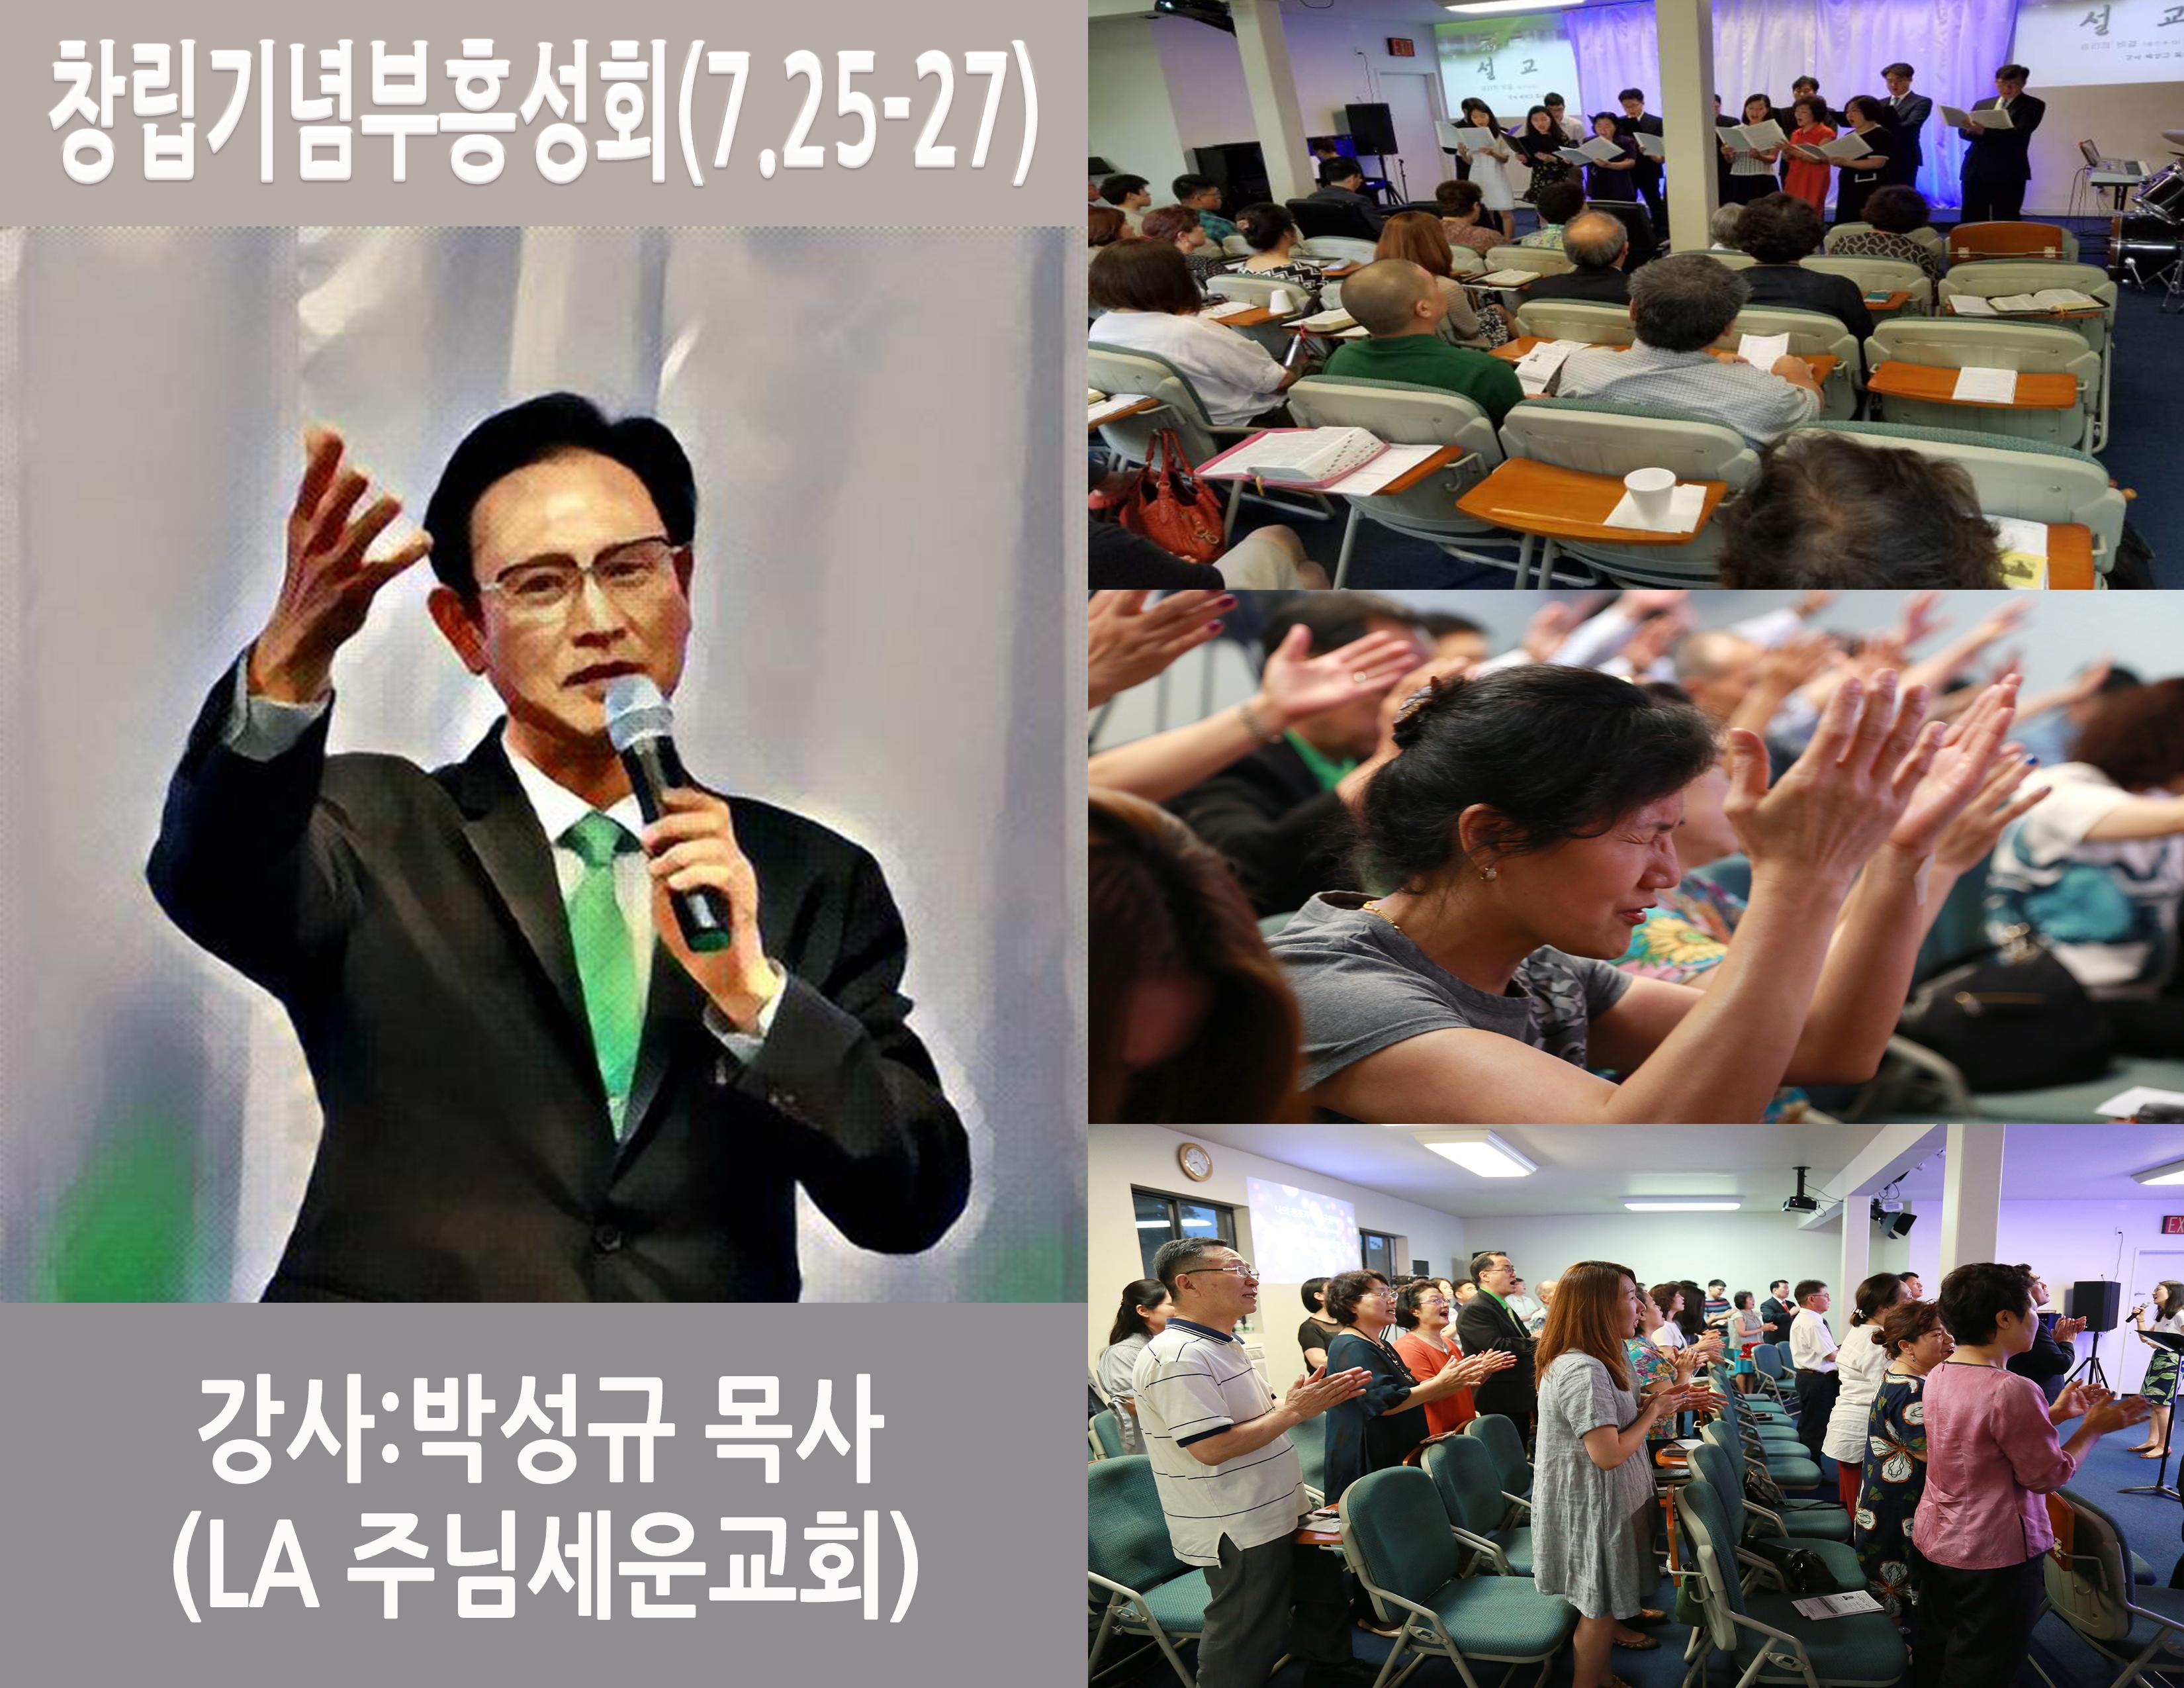 부흥성회 사진모음1